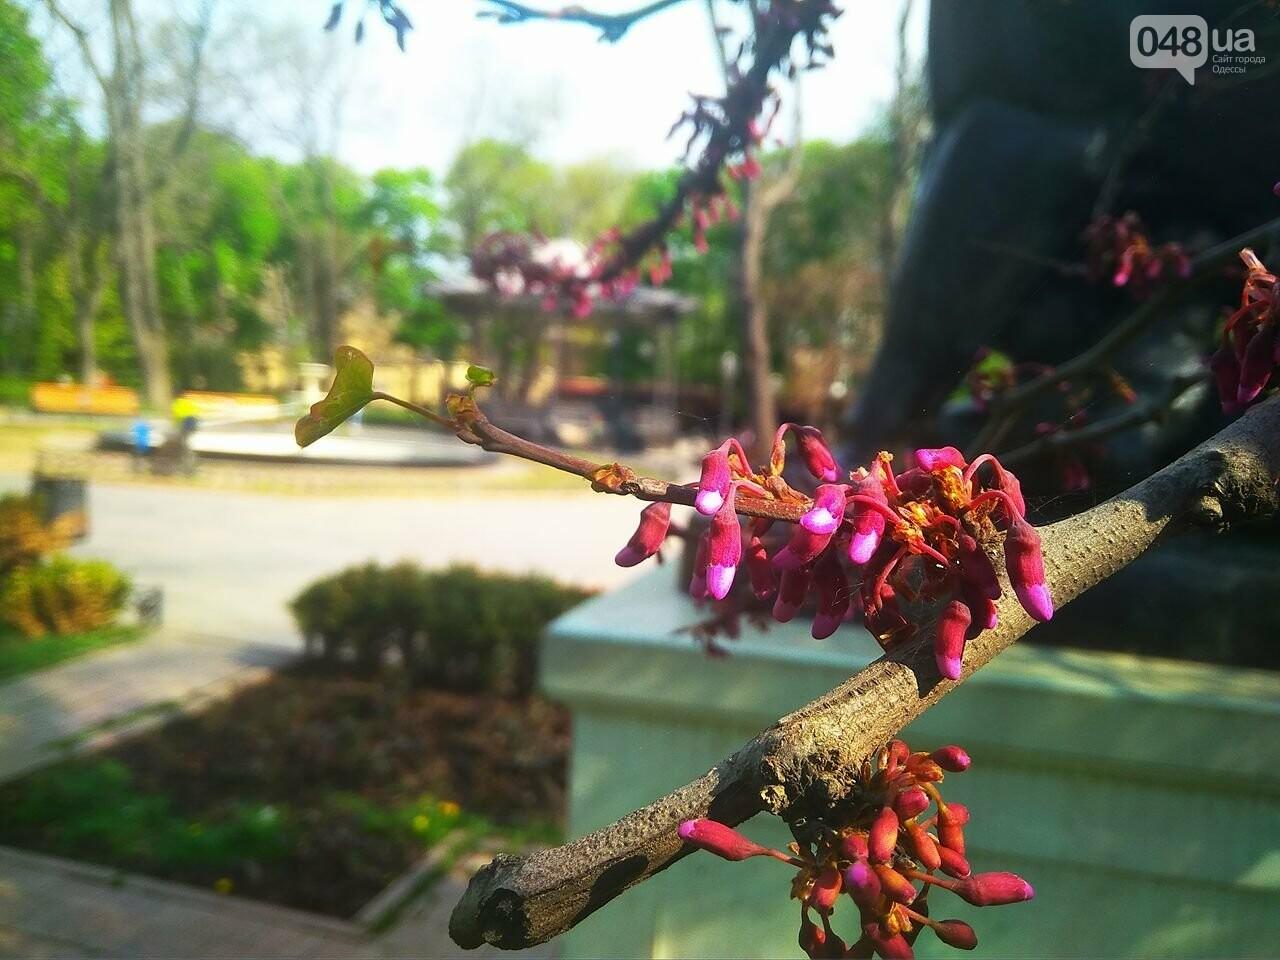 В одесском Горсаду зацвело то самое сиреневое дерево (ФОТО), фото-3